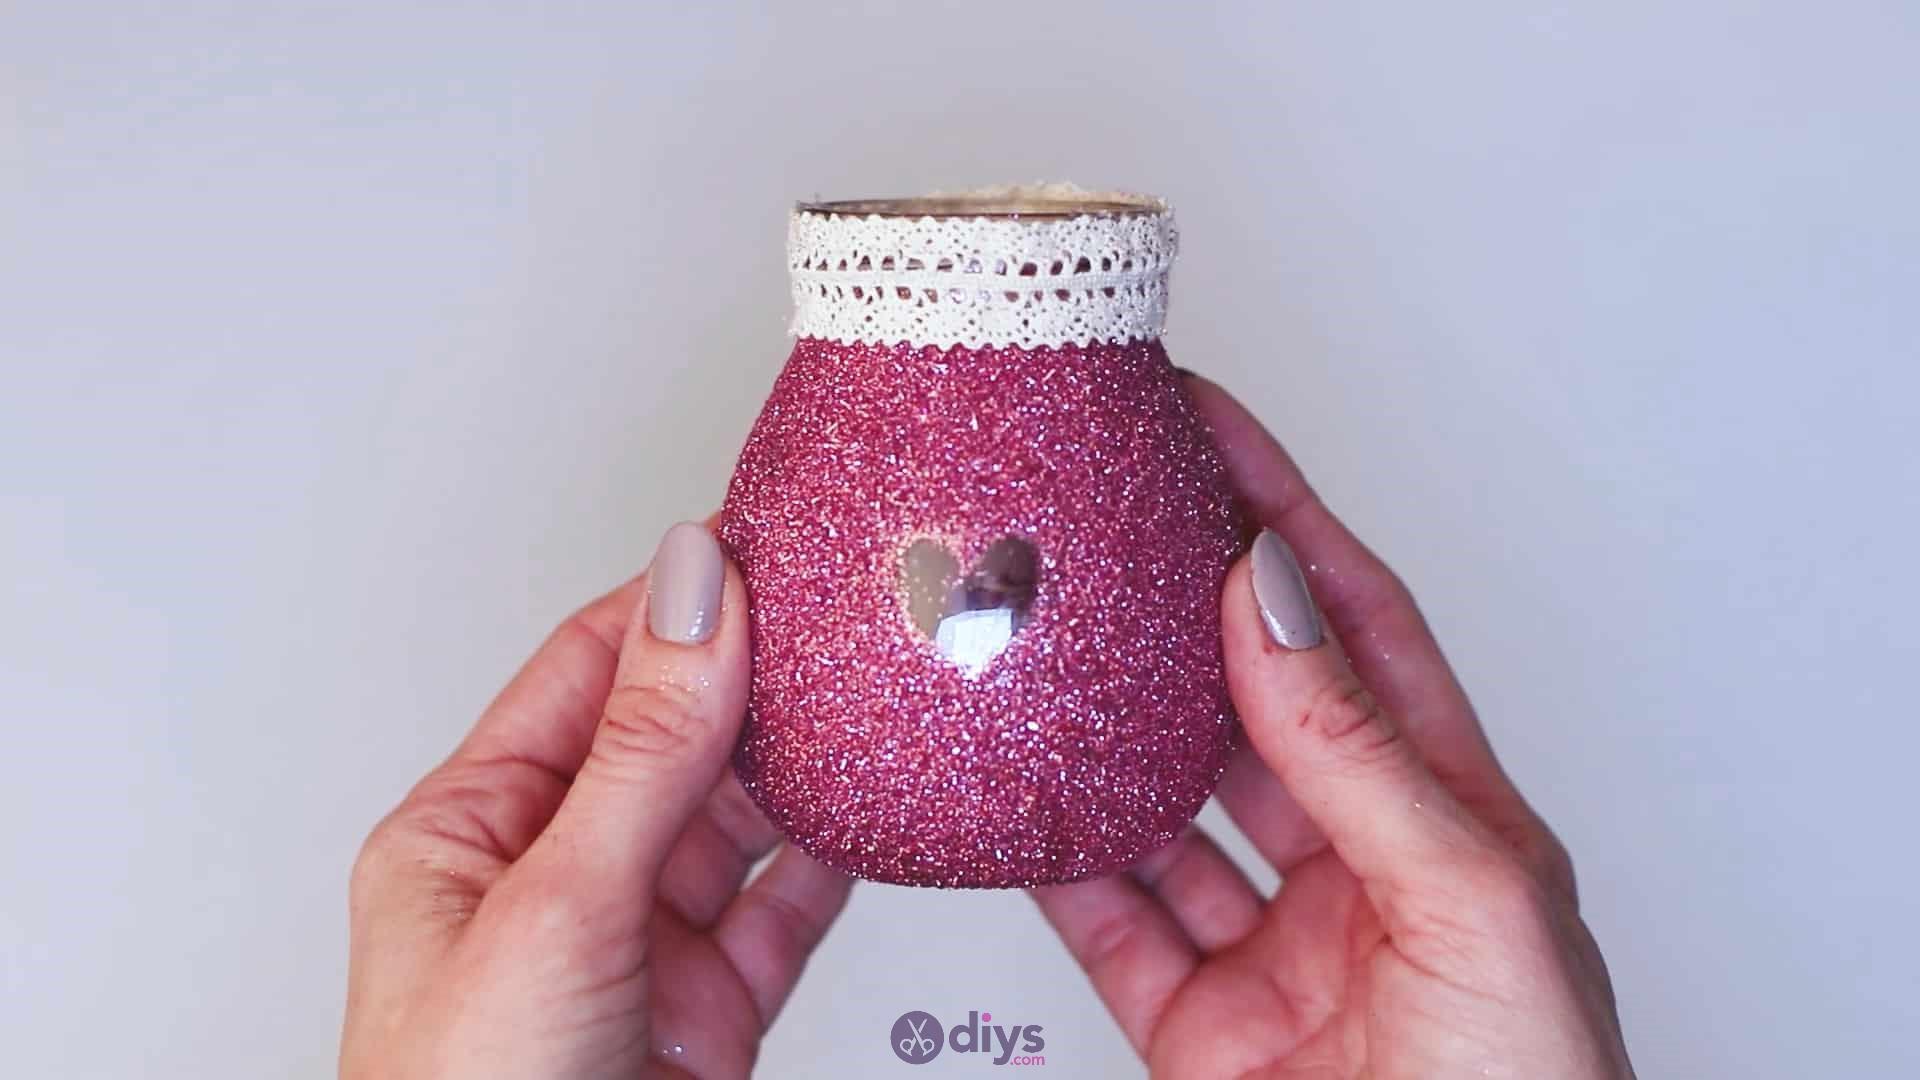 Diy flower glitter vase from glass jars step 7d